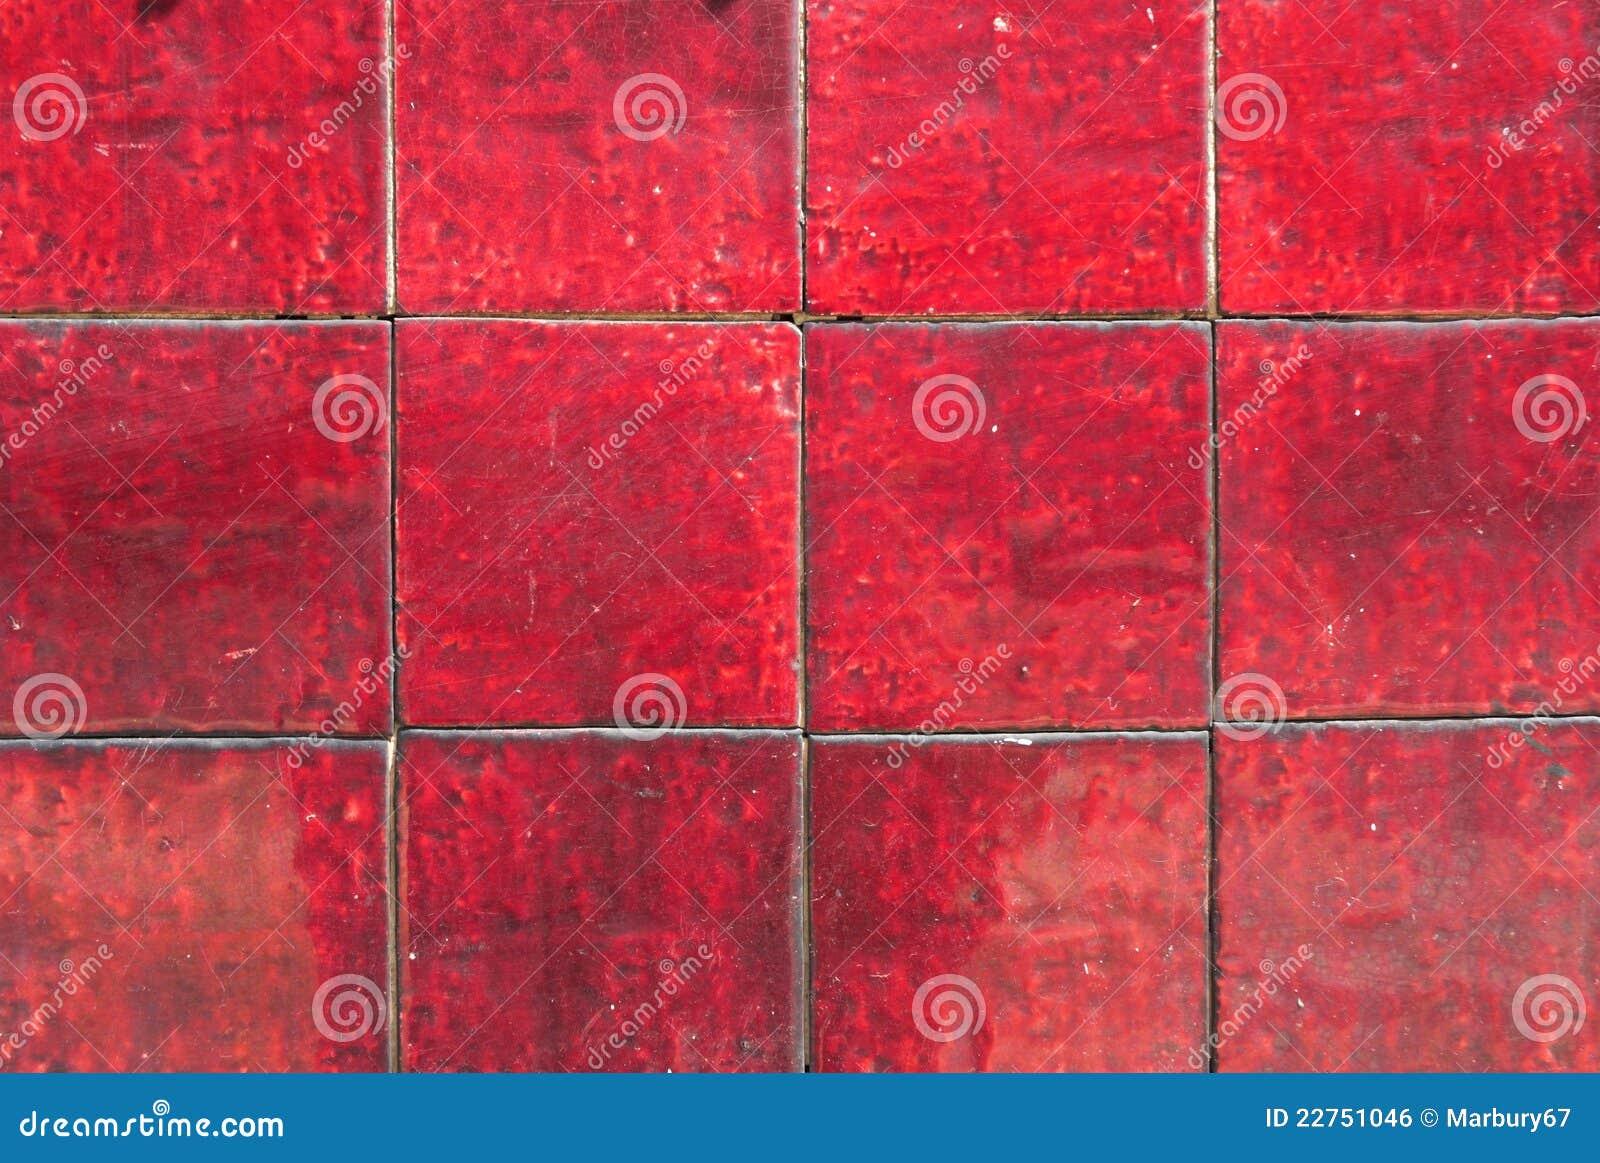 Rote Fliesen Stockfoto Bild Von Shine Gebäude Rasterfeld - Rotbraune fliesen